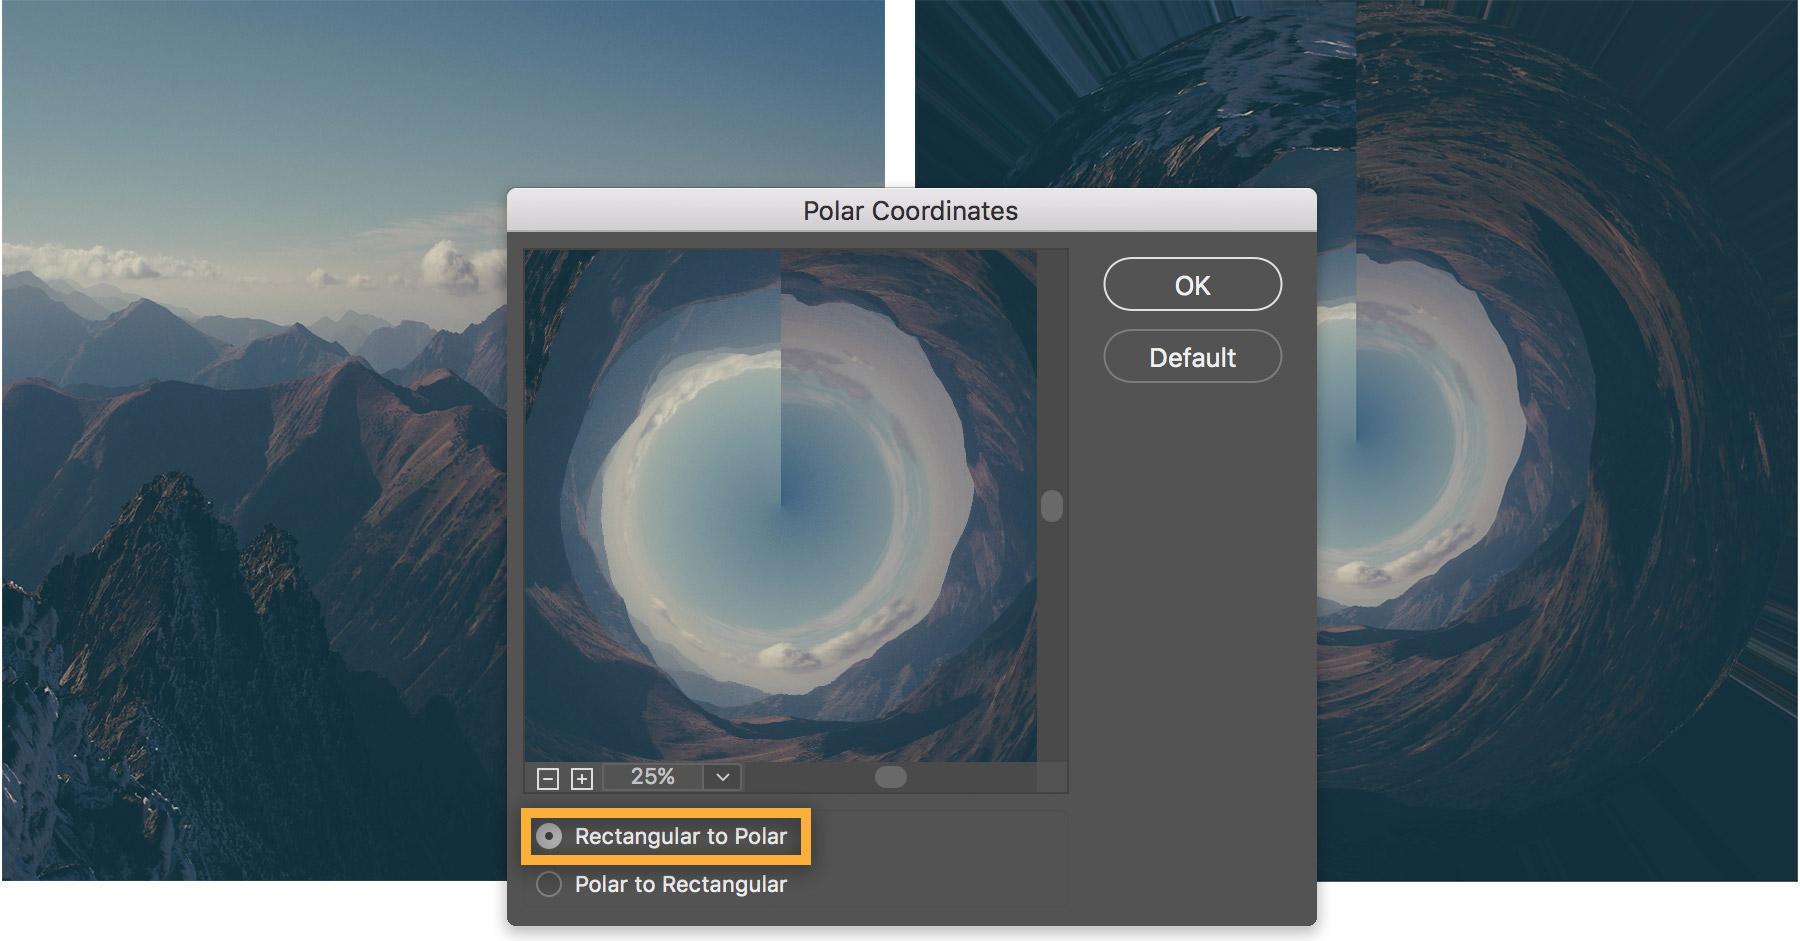 """Cách sử dụng Photoshop để tạo hình ảnh """"Round Thing"""""""